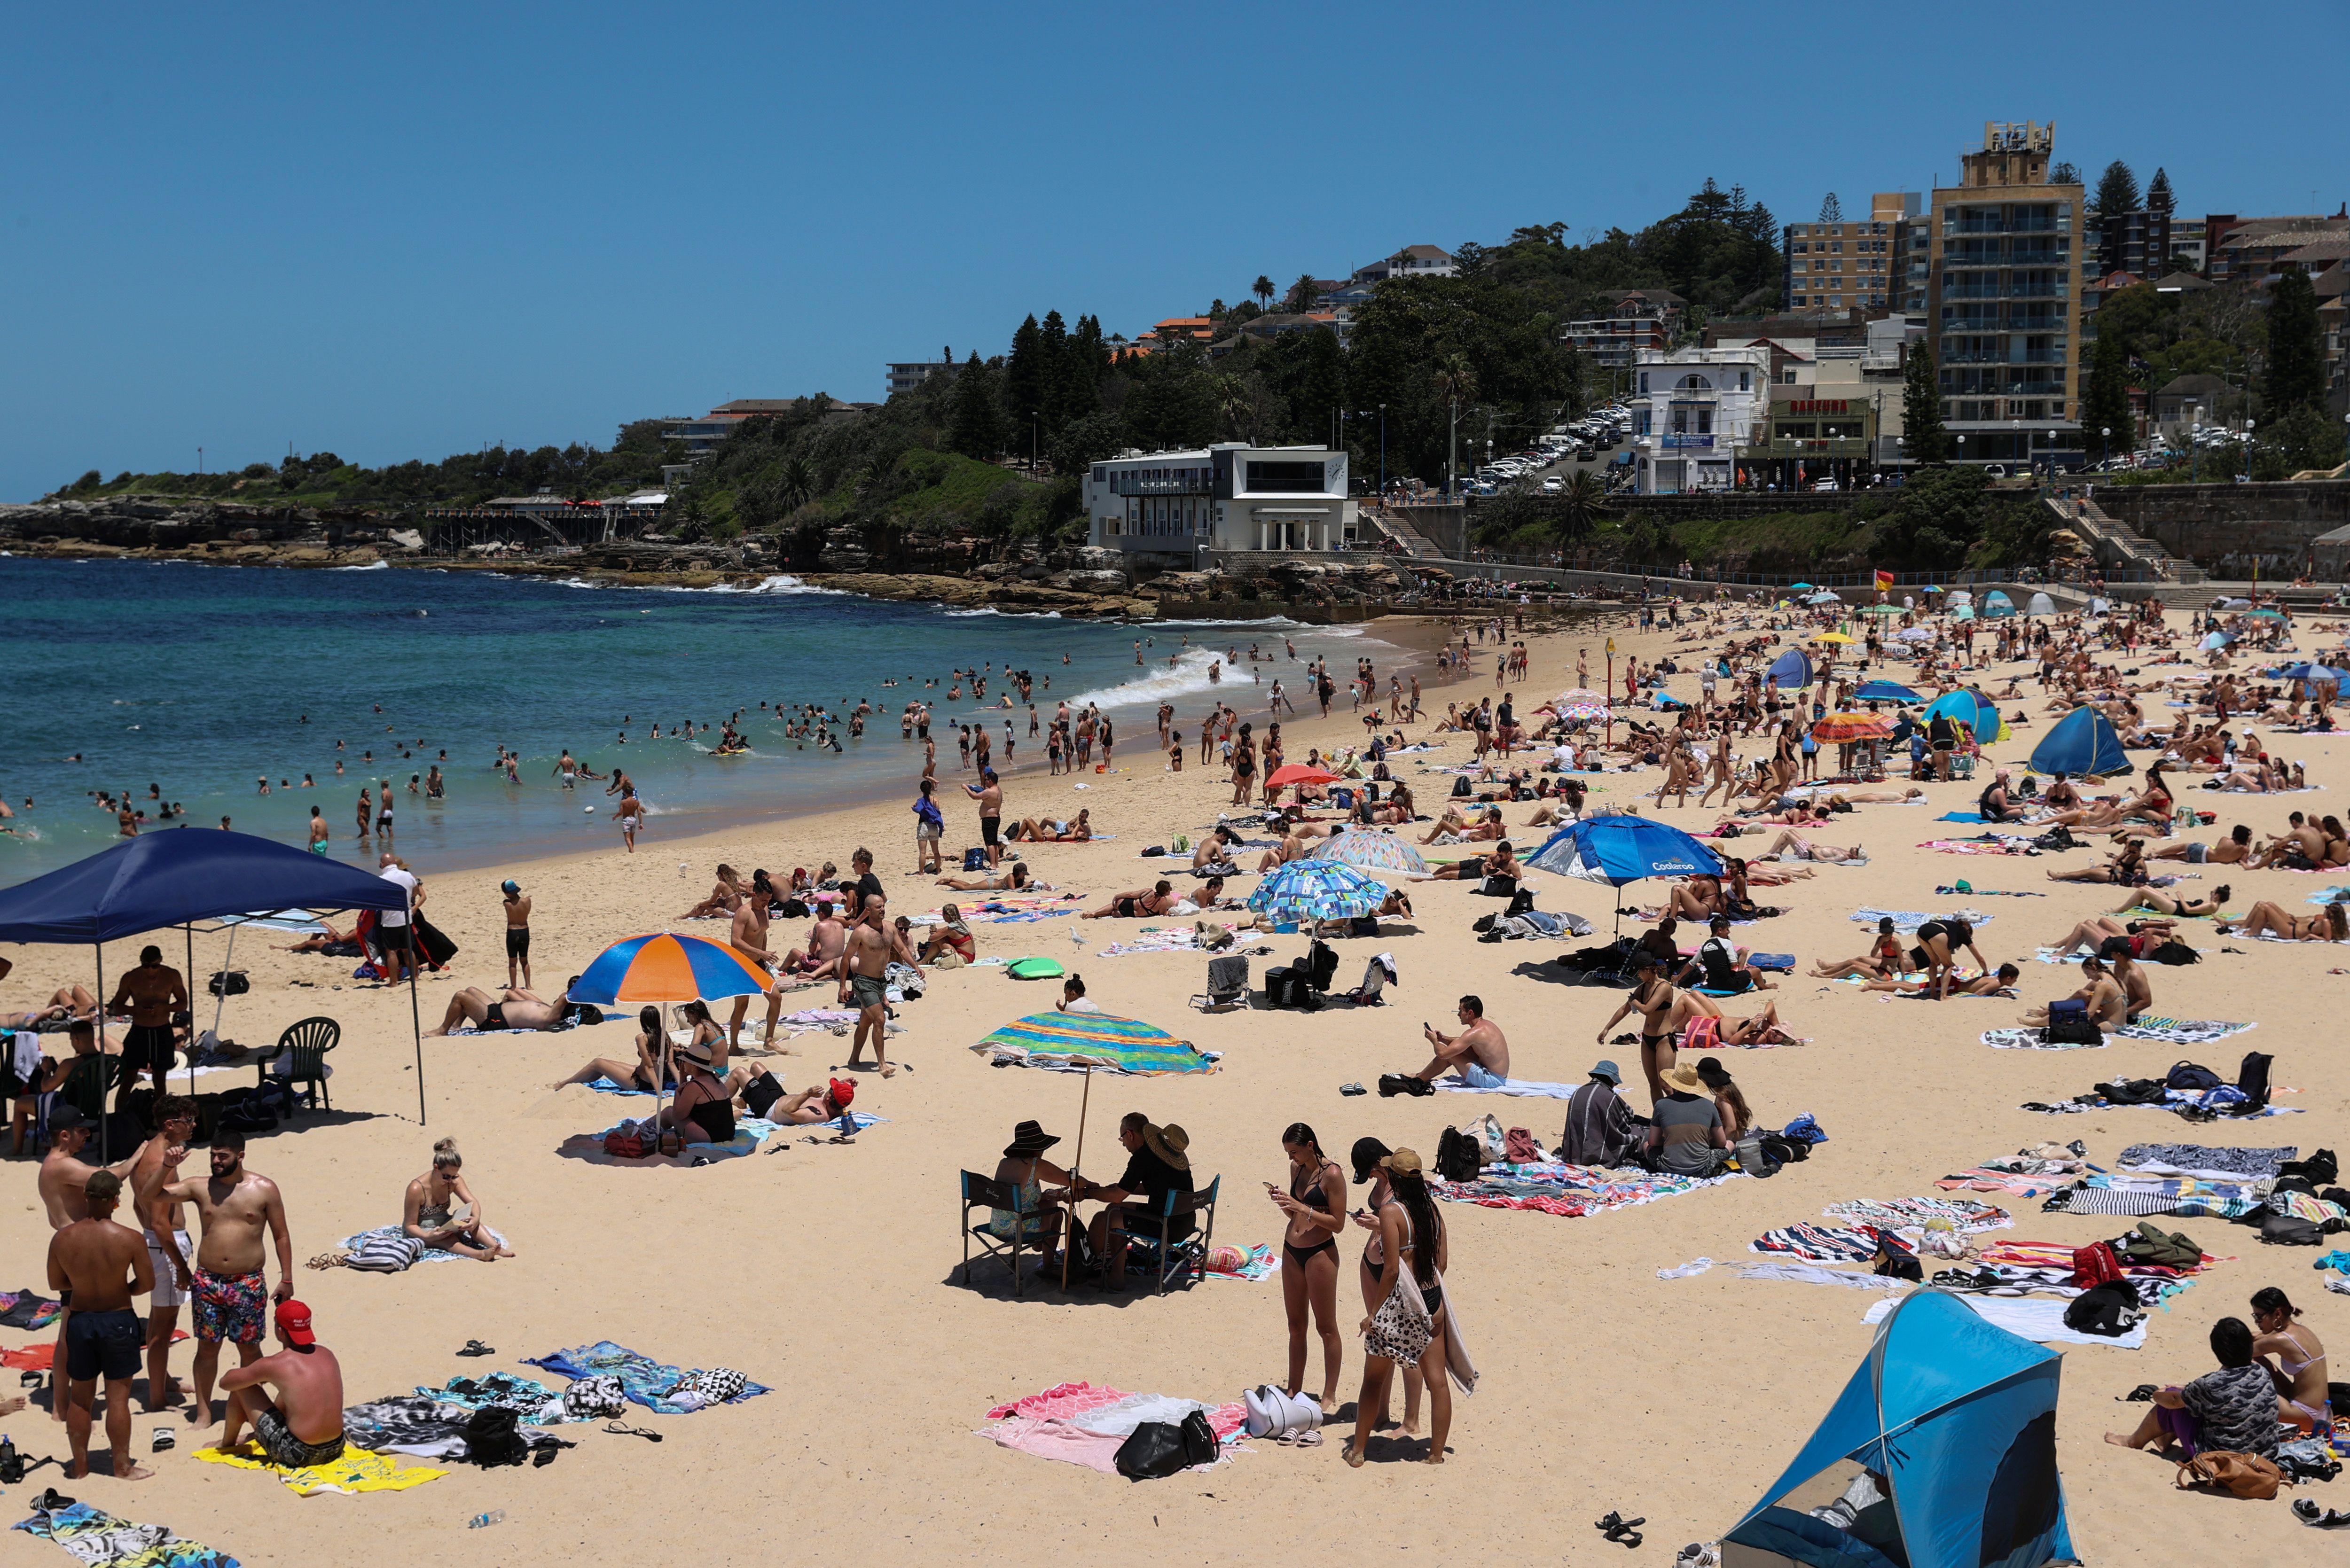 Coogee Beach, en Sídney, Australia, el 13 de enero de 2021. REUTERS / Loren Elliott